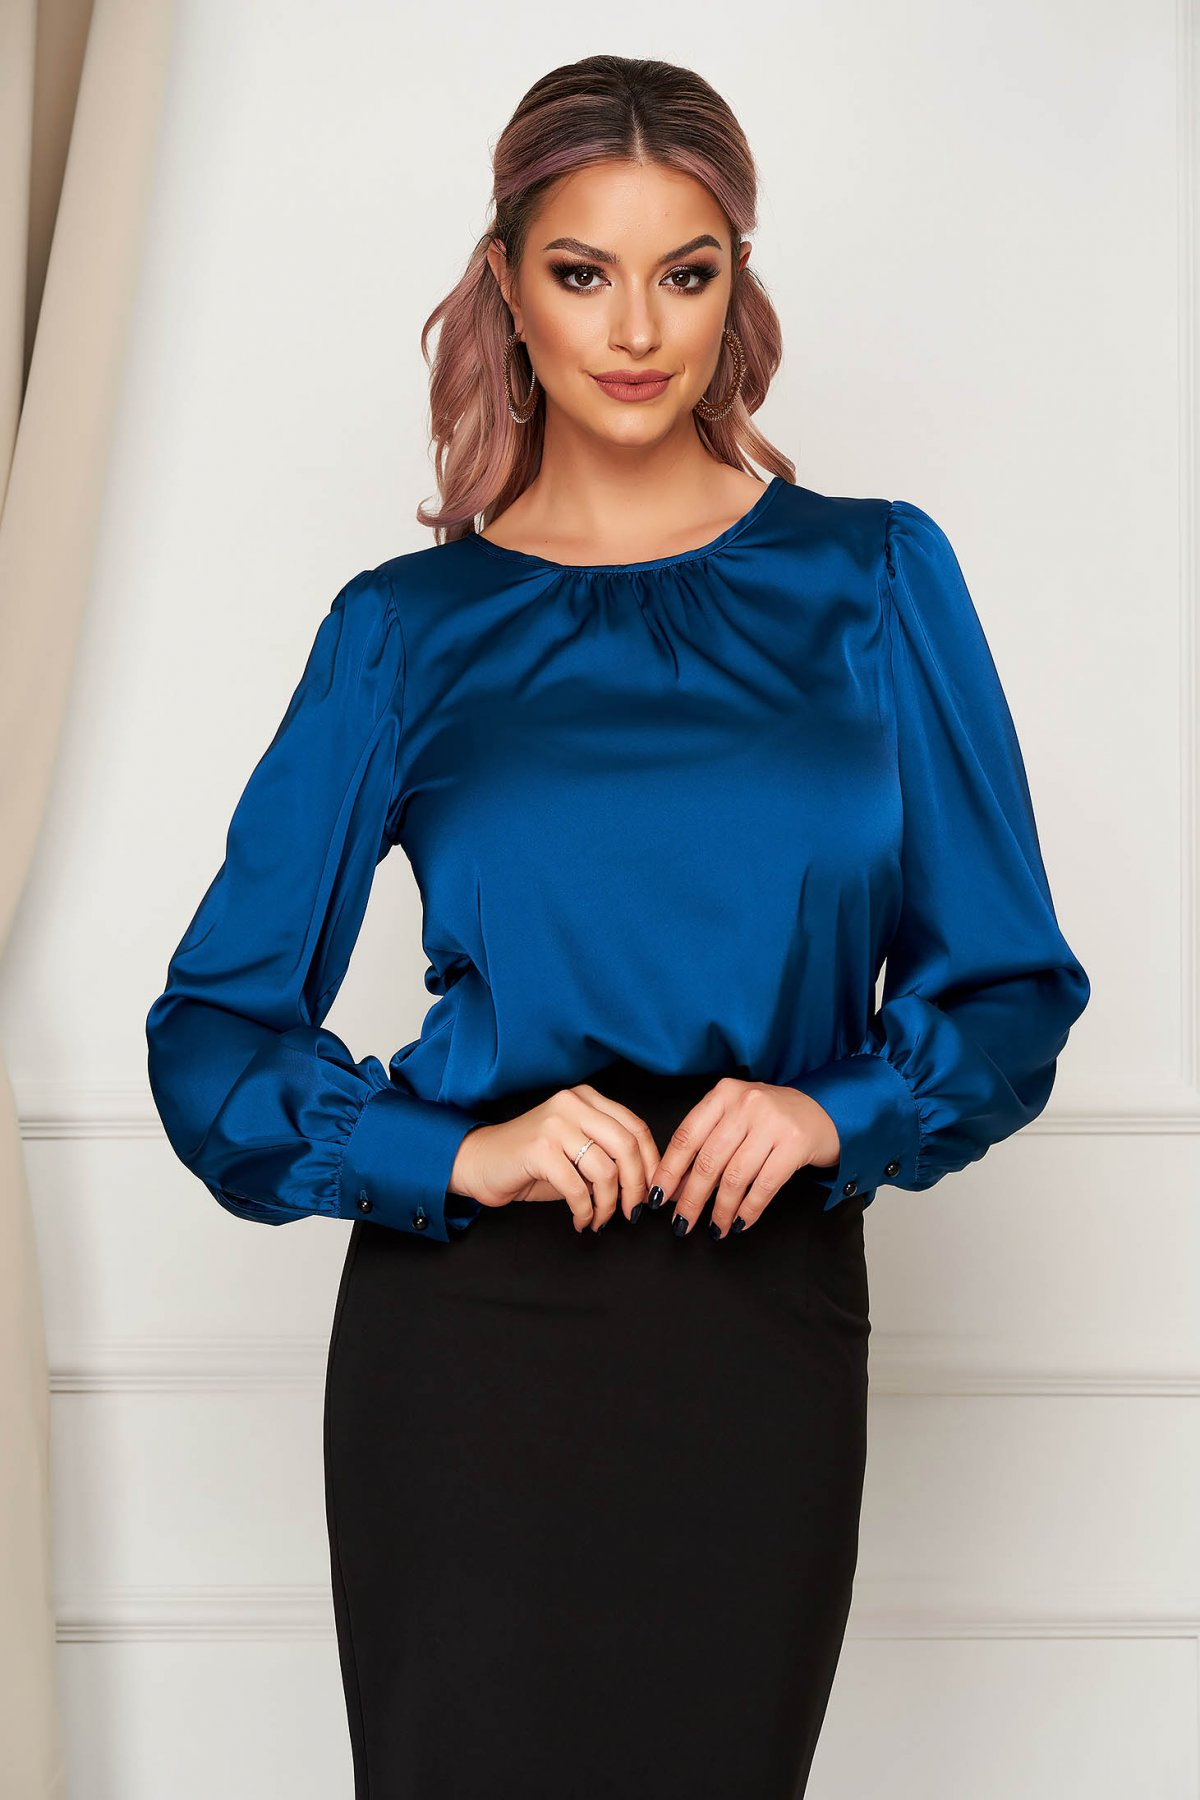 Bluza dama Artista verde petrol office cu croi larg din material satinat